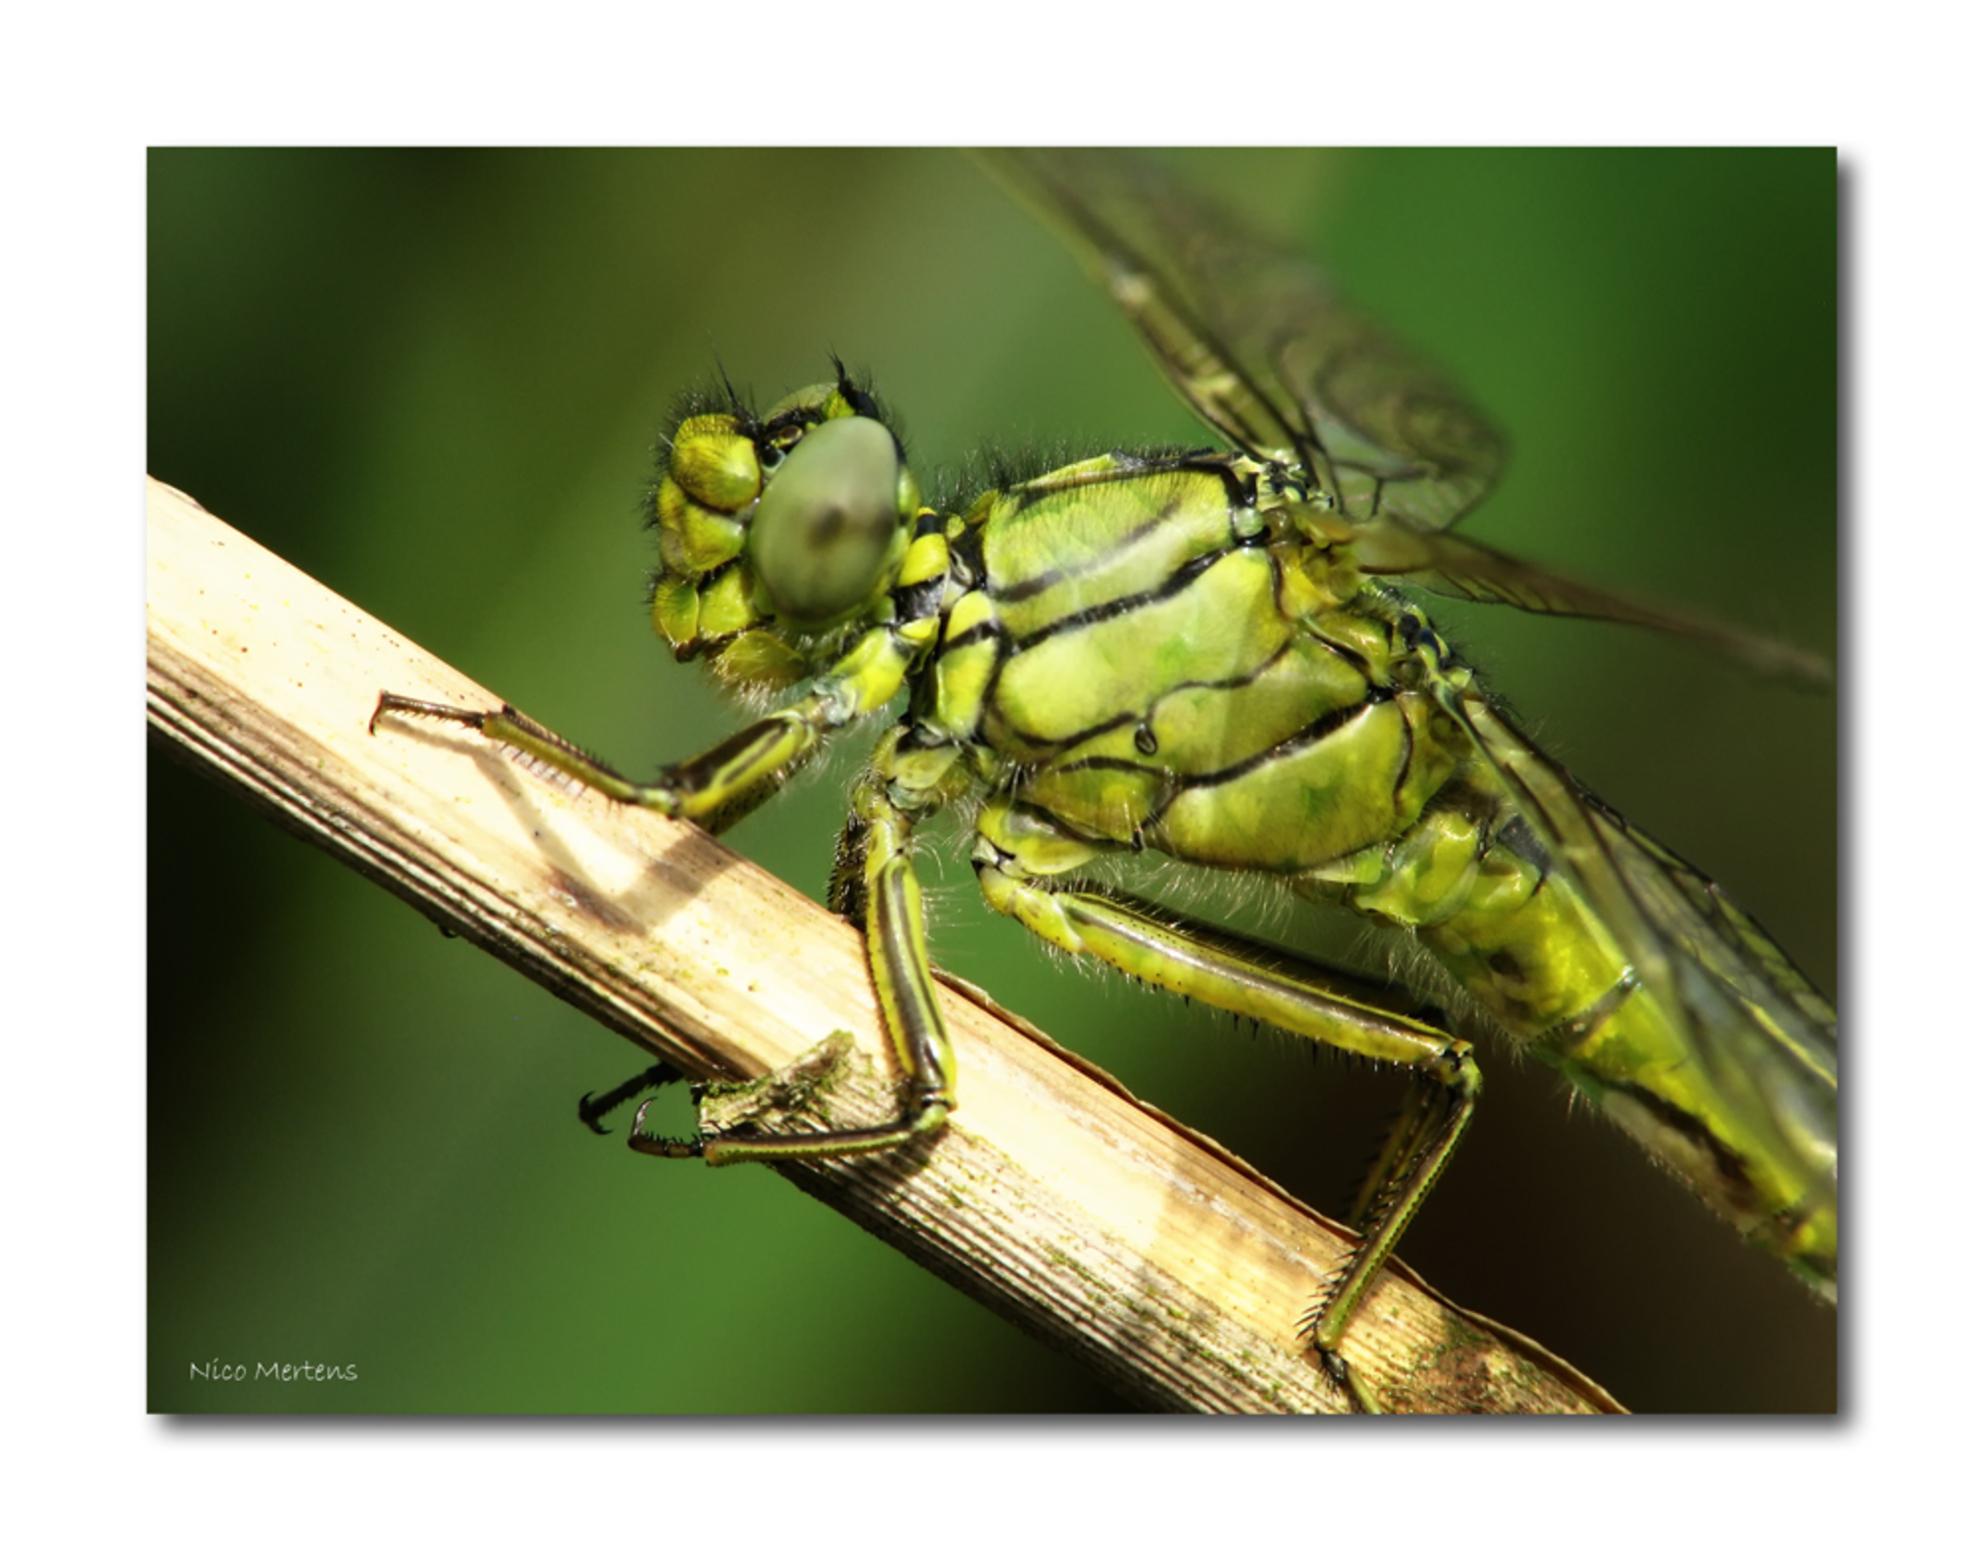 Plasrombout 3!! - Hallo...  tja, toch nog maar eentje van de plasrombout...:)...  iedereen ook weer bedankt voor de reacties bij mijn vorige foto...  Grtz, Nico - foto door smeagol op 03-06-2010 - deze foto bevat: macro, libel, s5, smeagol, plasrombout, 250d, close up - Deze foto mag gebruikt worden in een Zoom.nl publicatie